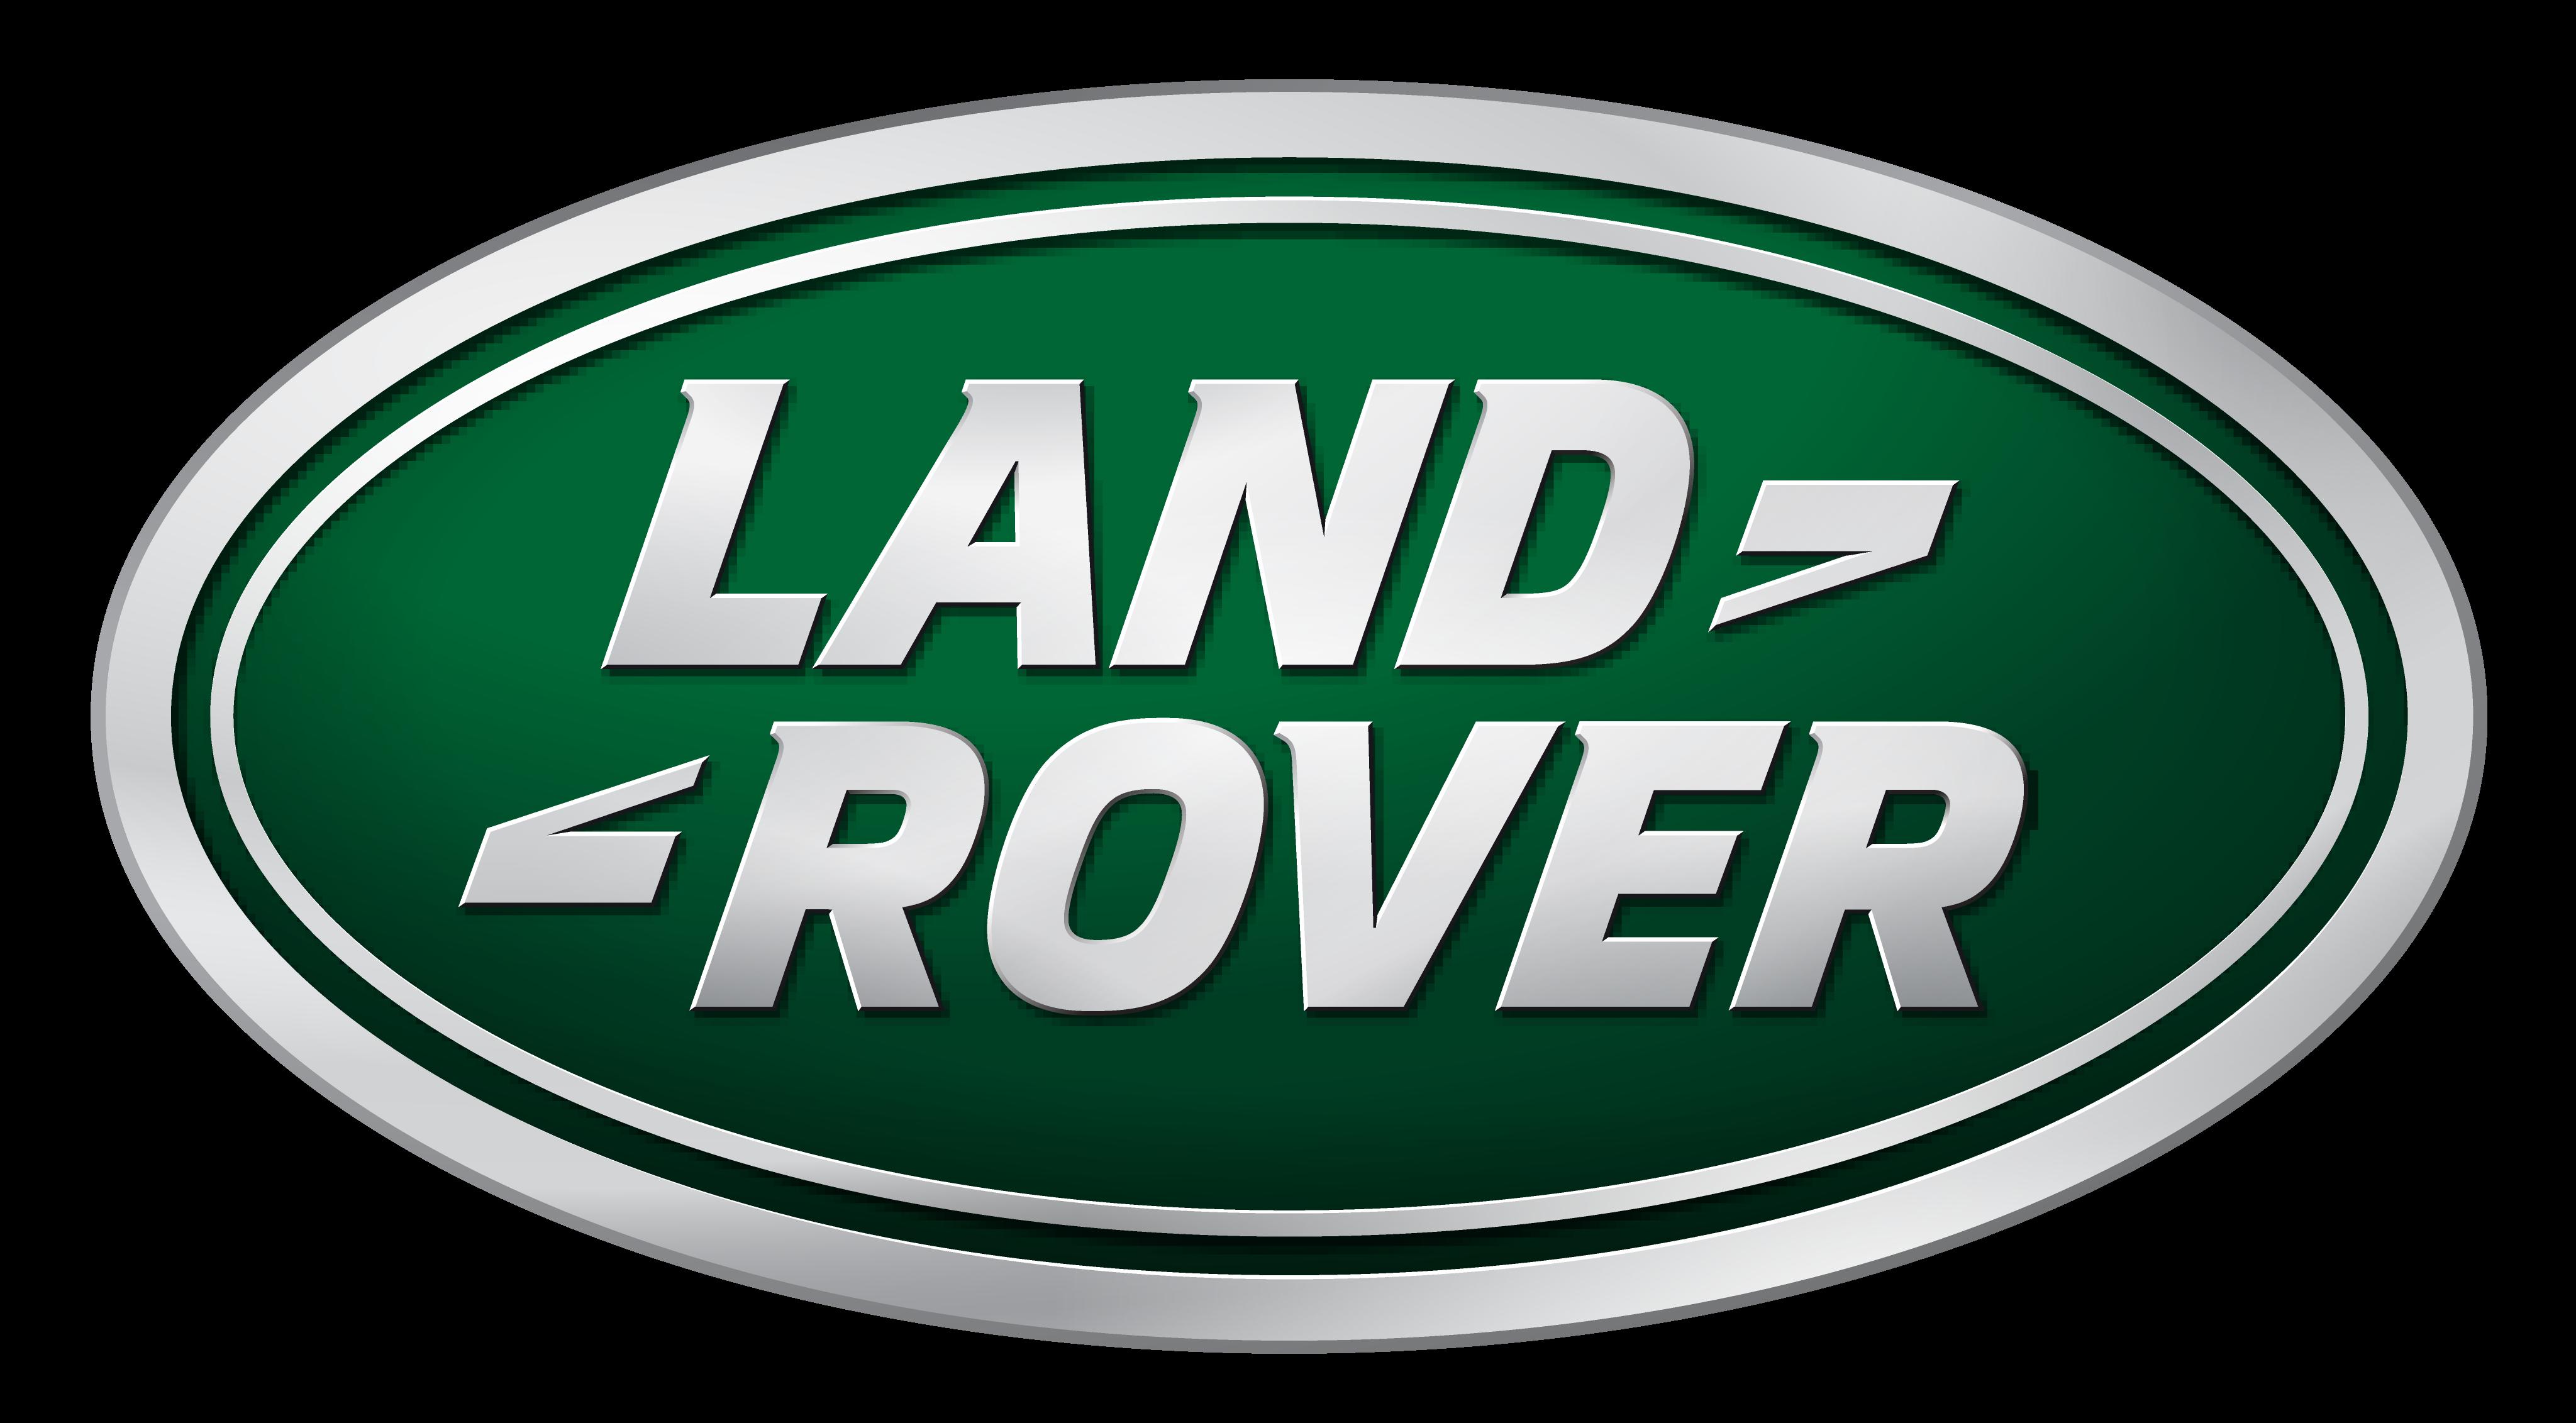 land rover logo - Land Rover Logo